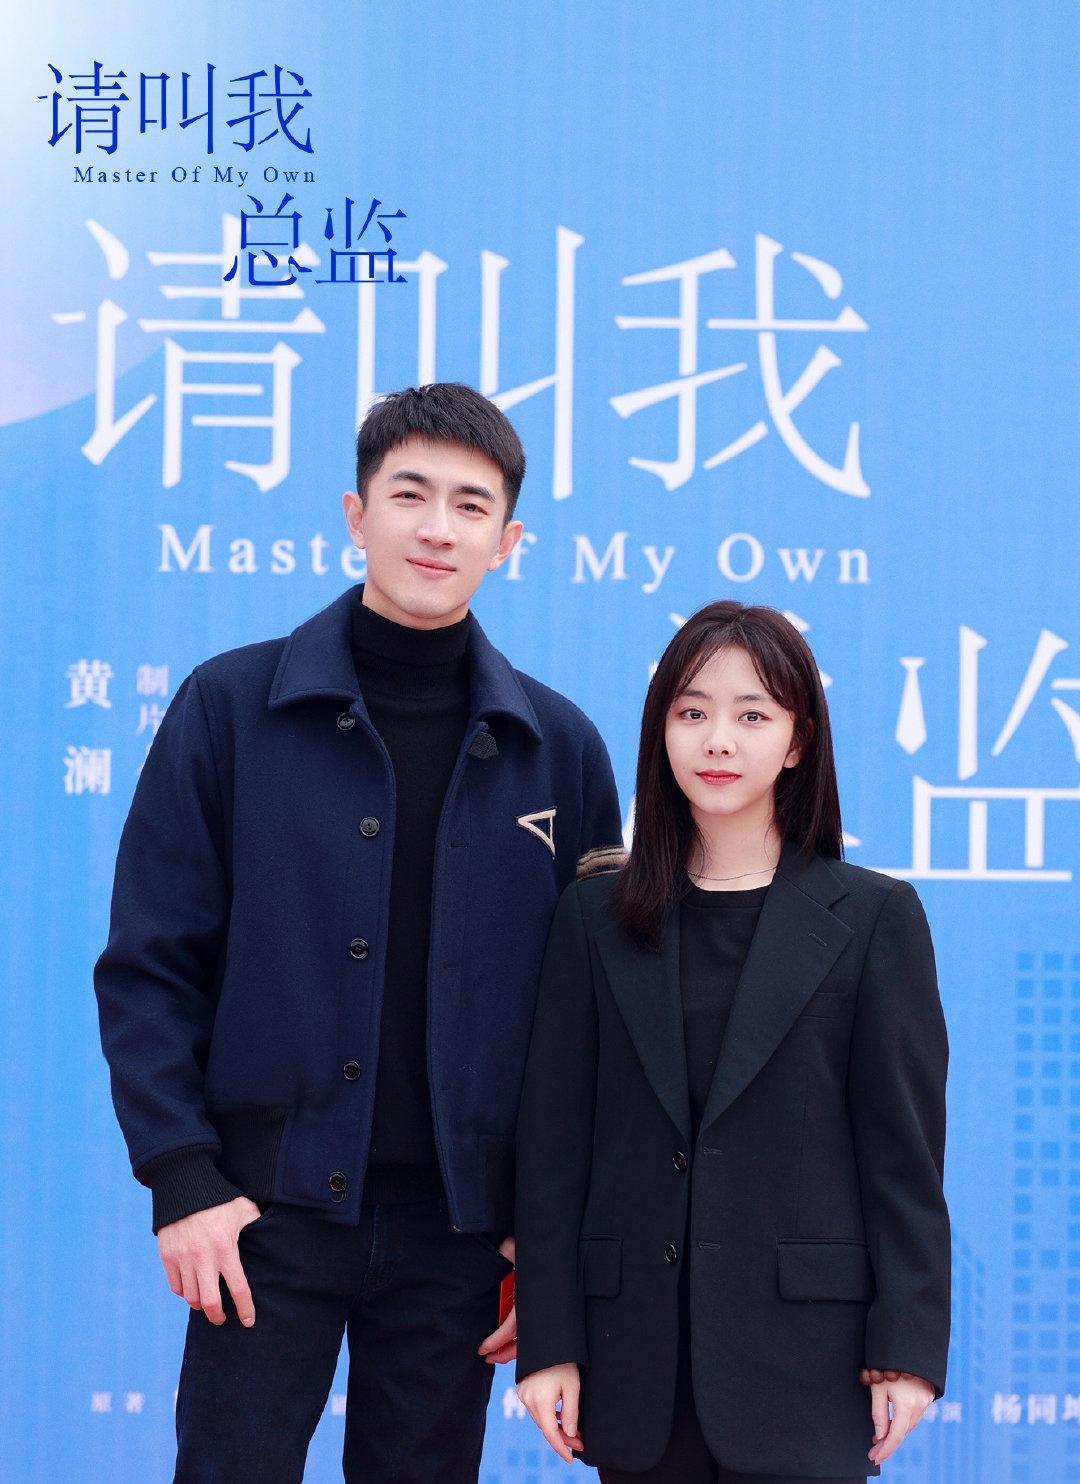 Lin Gengxin and Tan Songyun